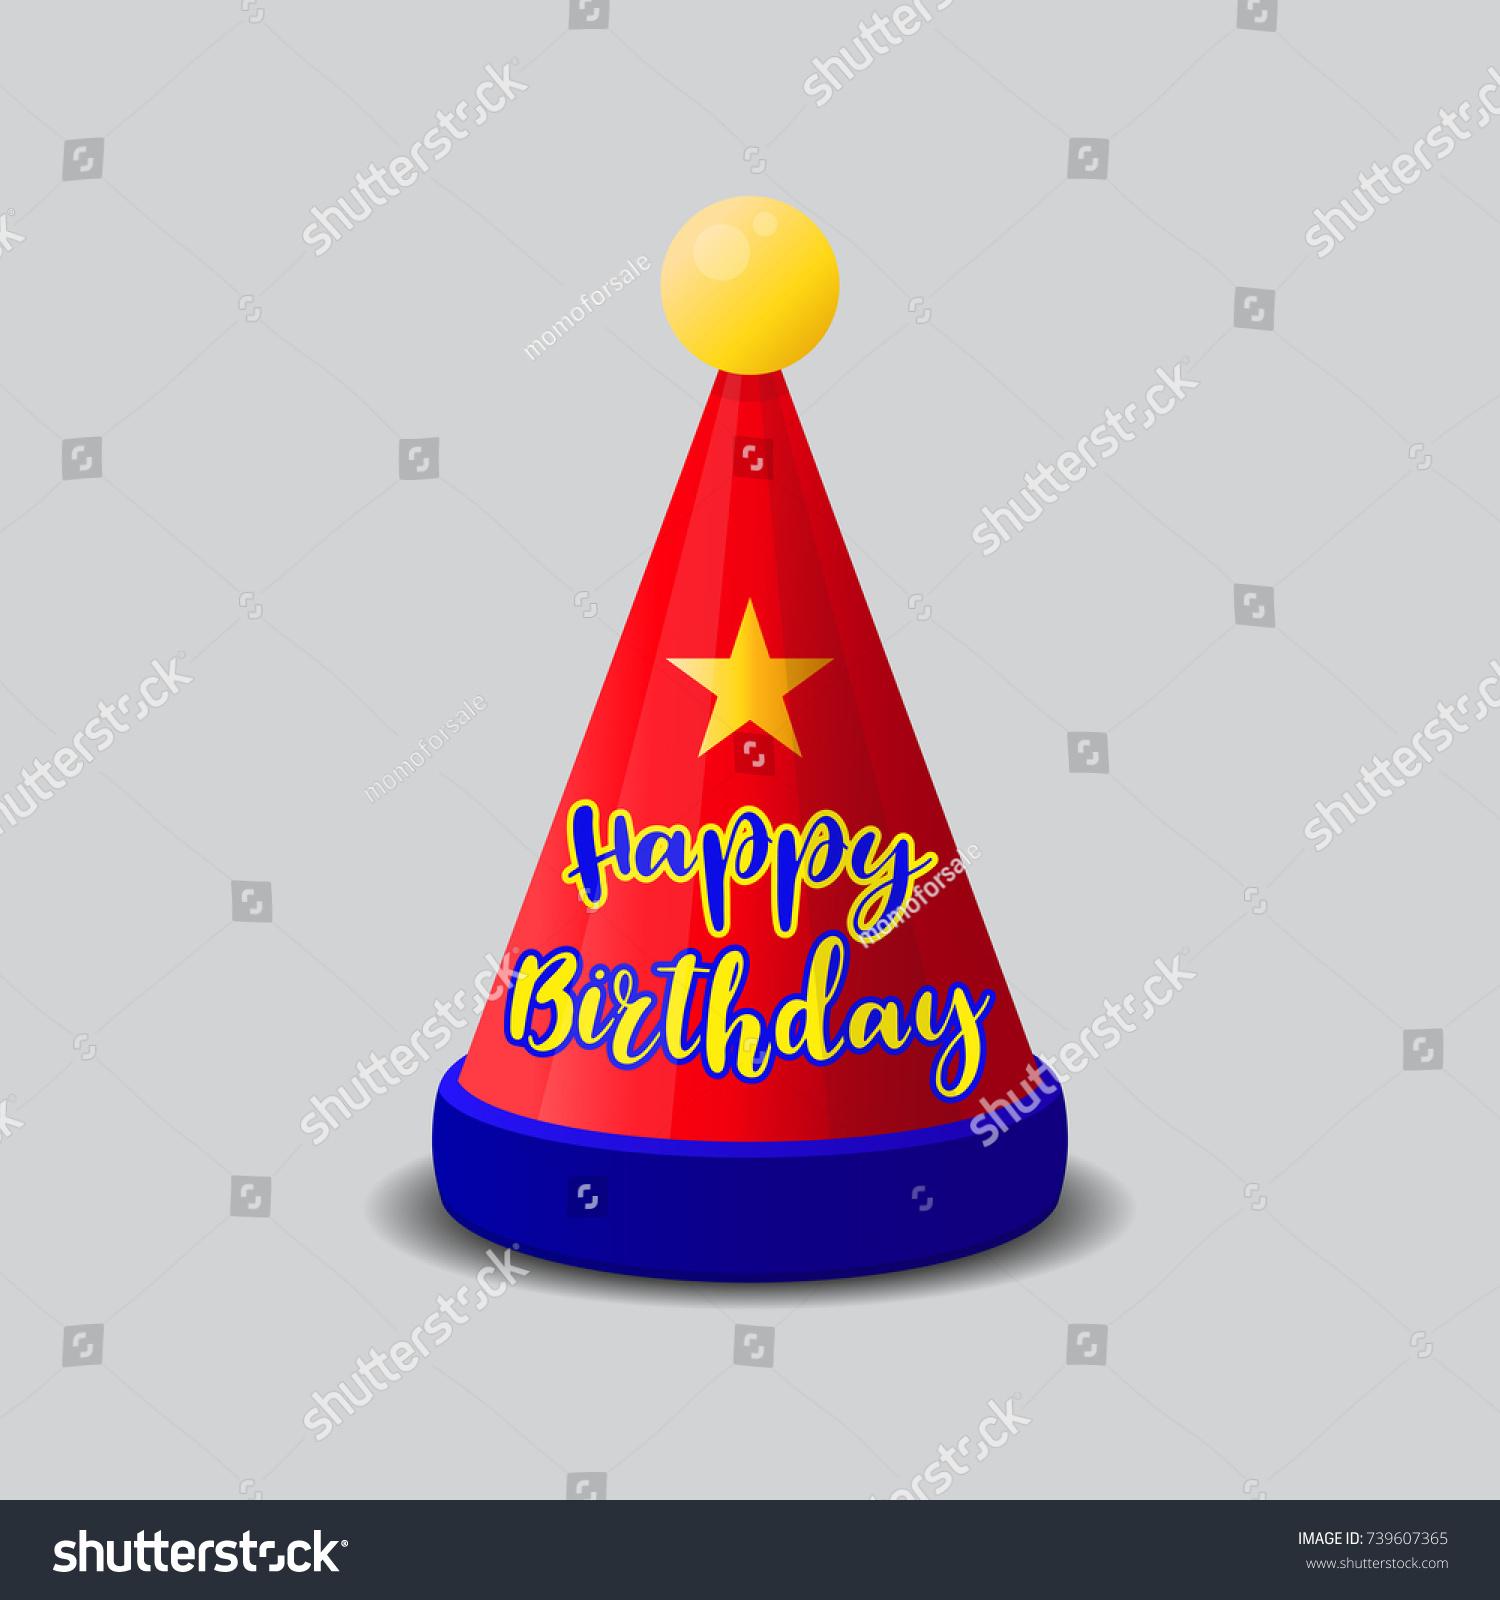 birthday hat vector illustration stock vector 2018 739607365 rh shutterstock com happy birthday hat vector happy birthday hat vector